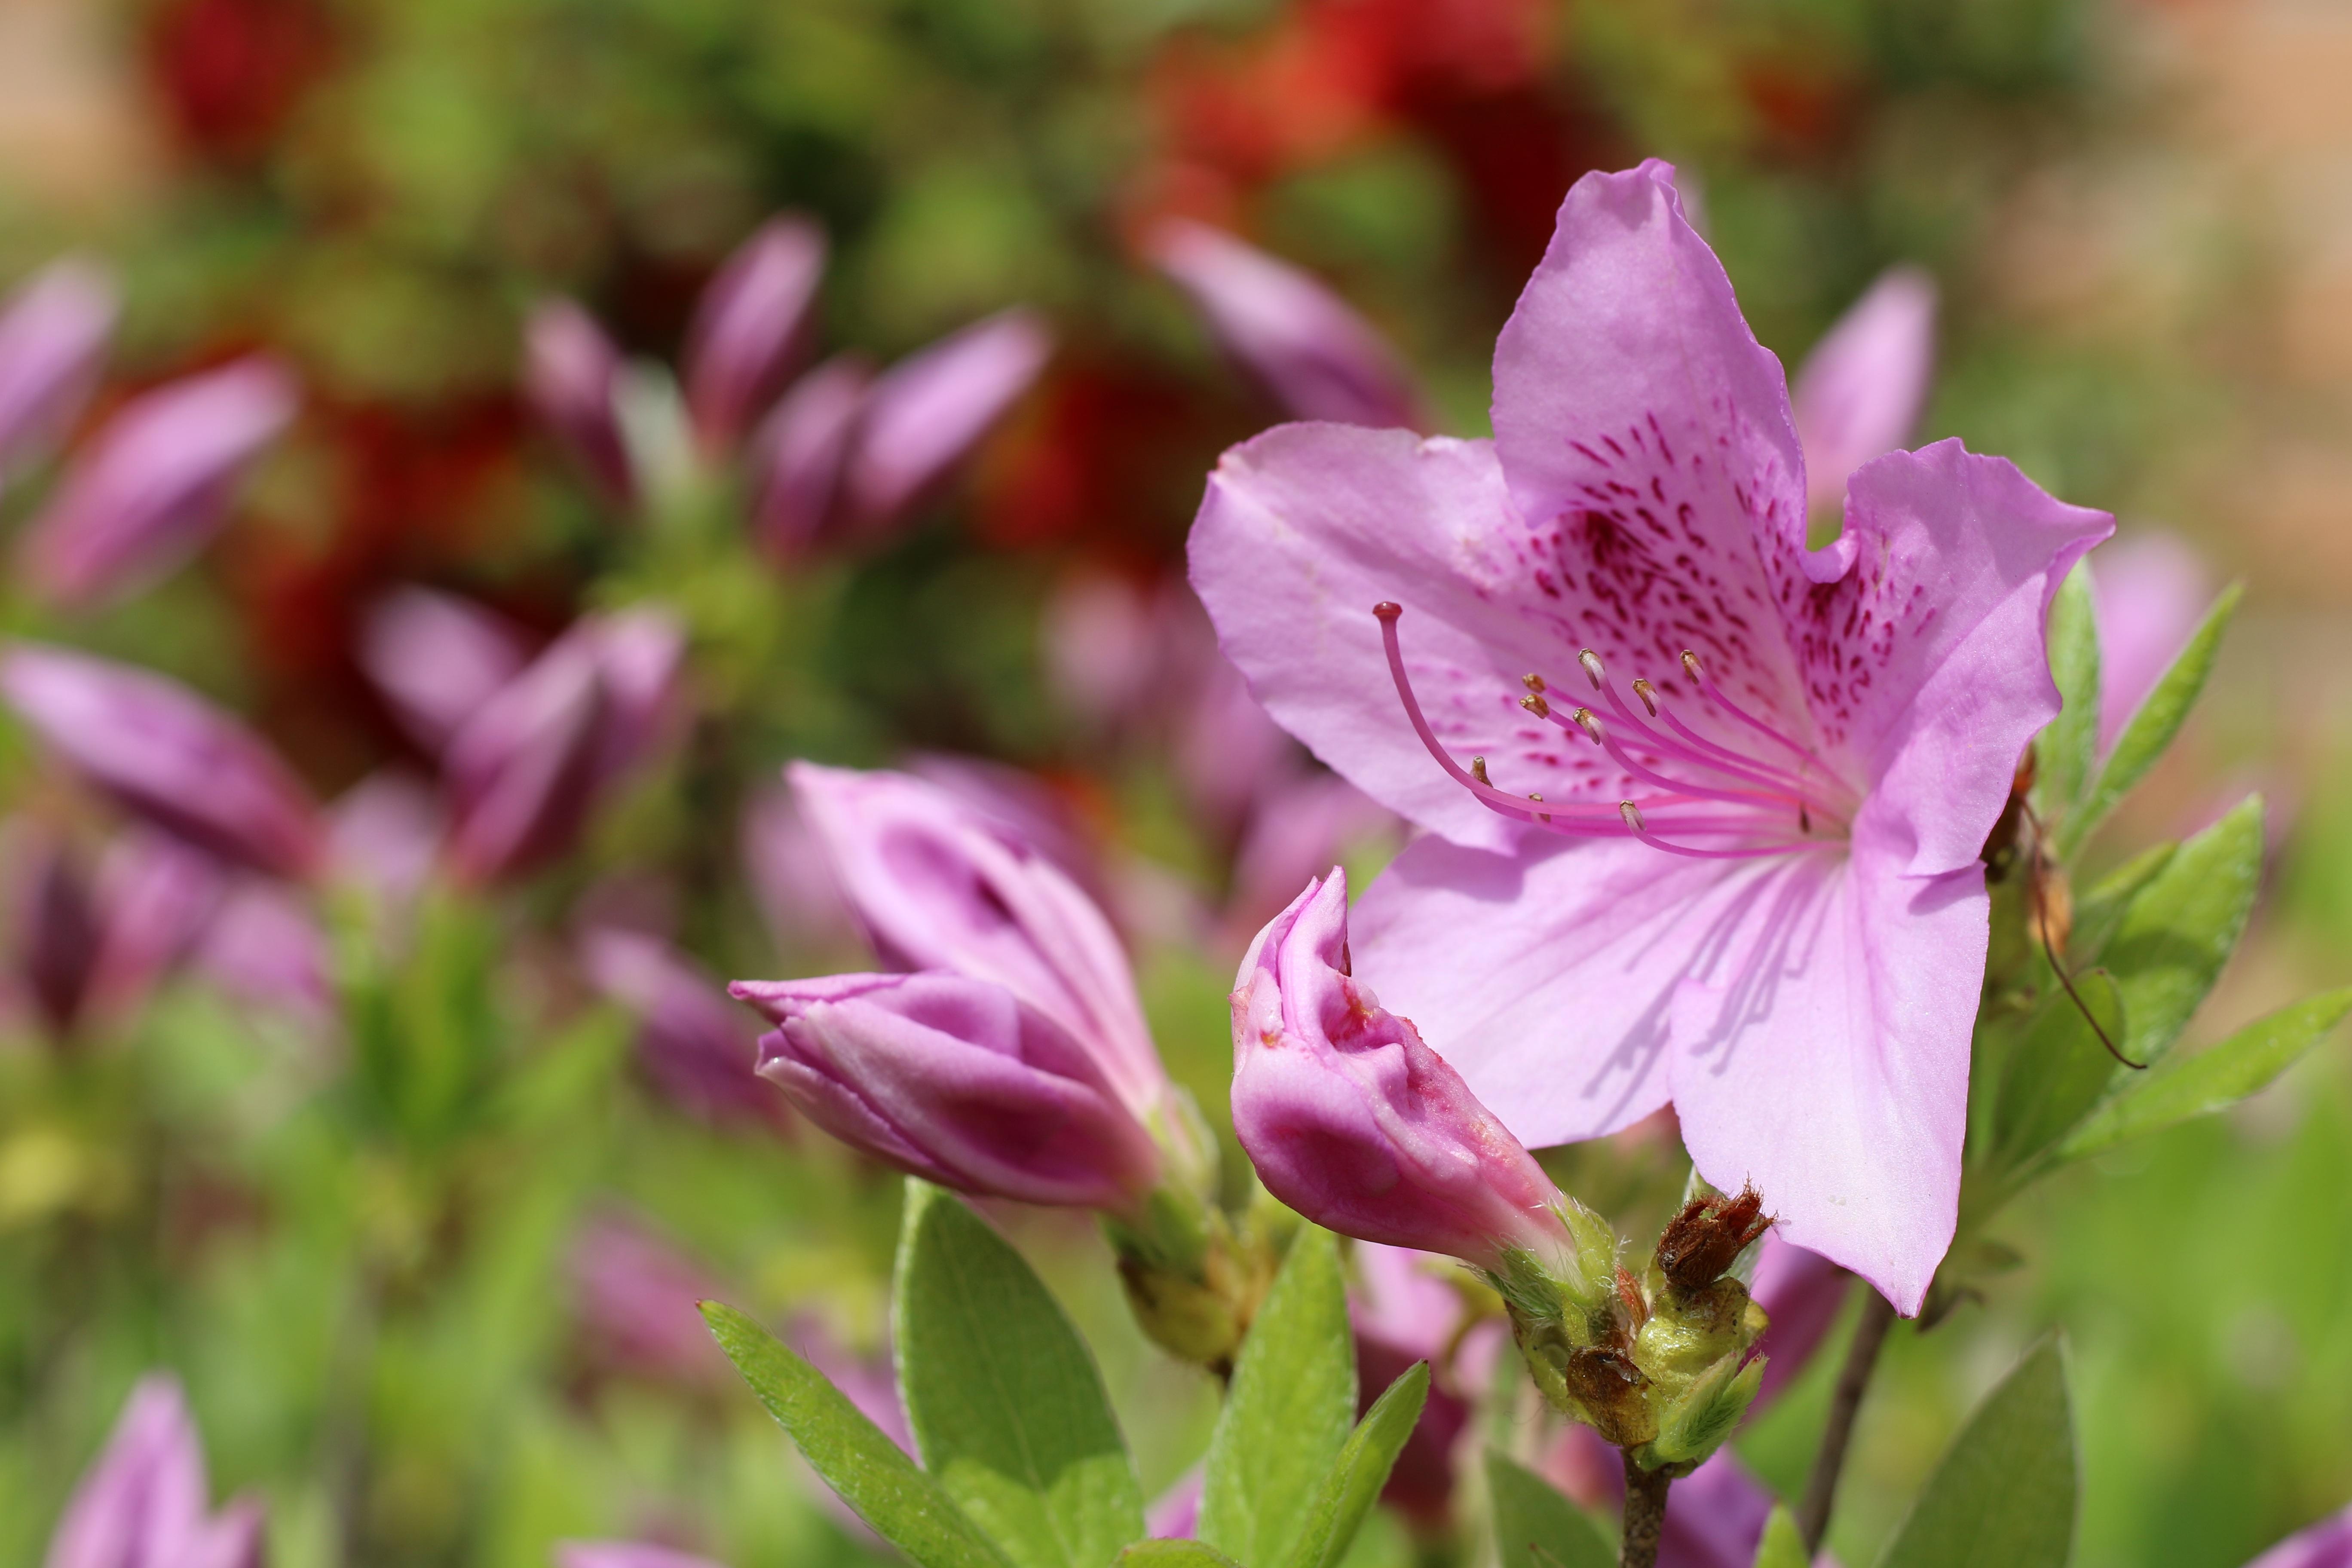 Images Gratuites La Nature Fleur Petale Parc Botanique Rose